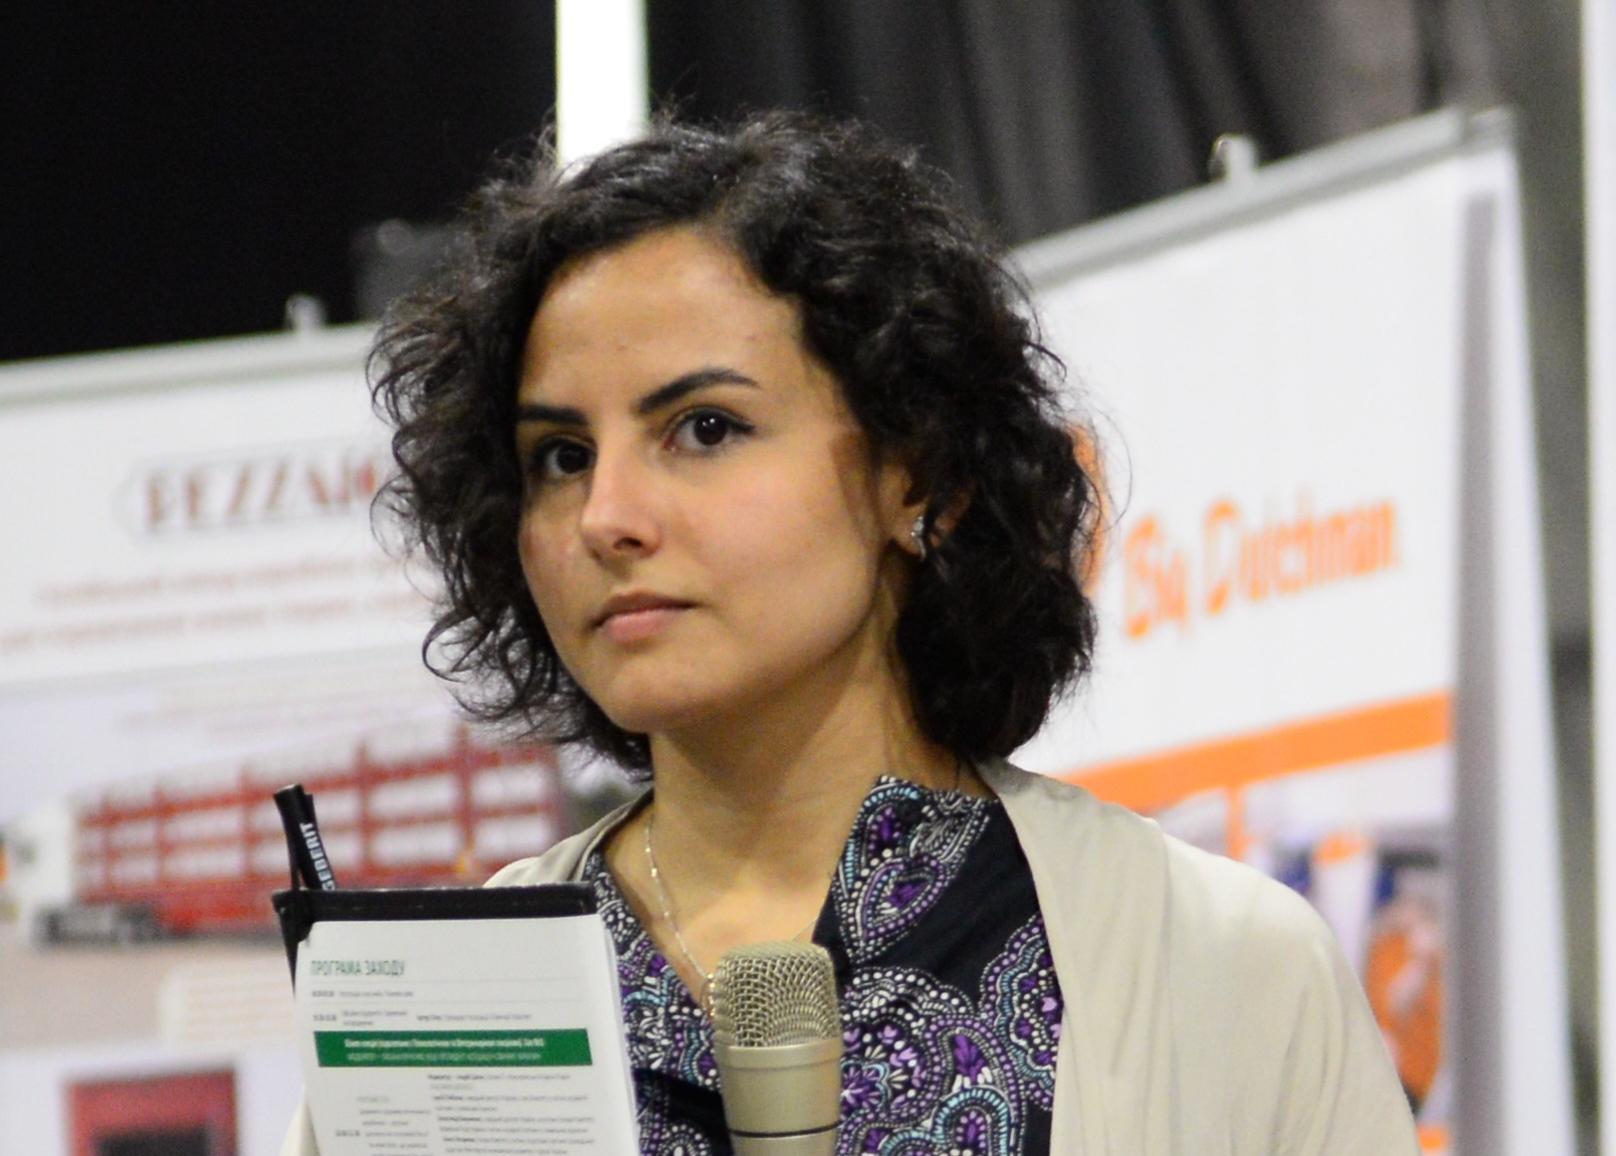 Александра Бондарская, руководитель аналитического отдела Ассоциации «Свиноводы Украины»